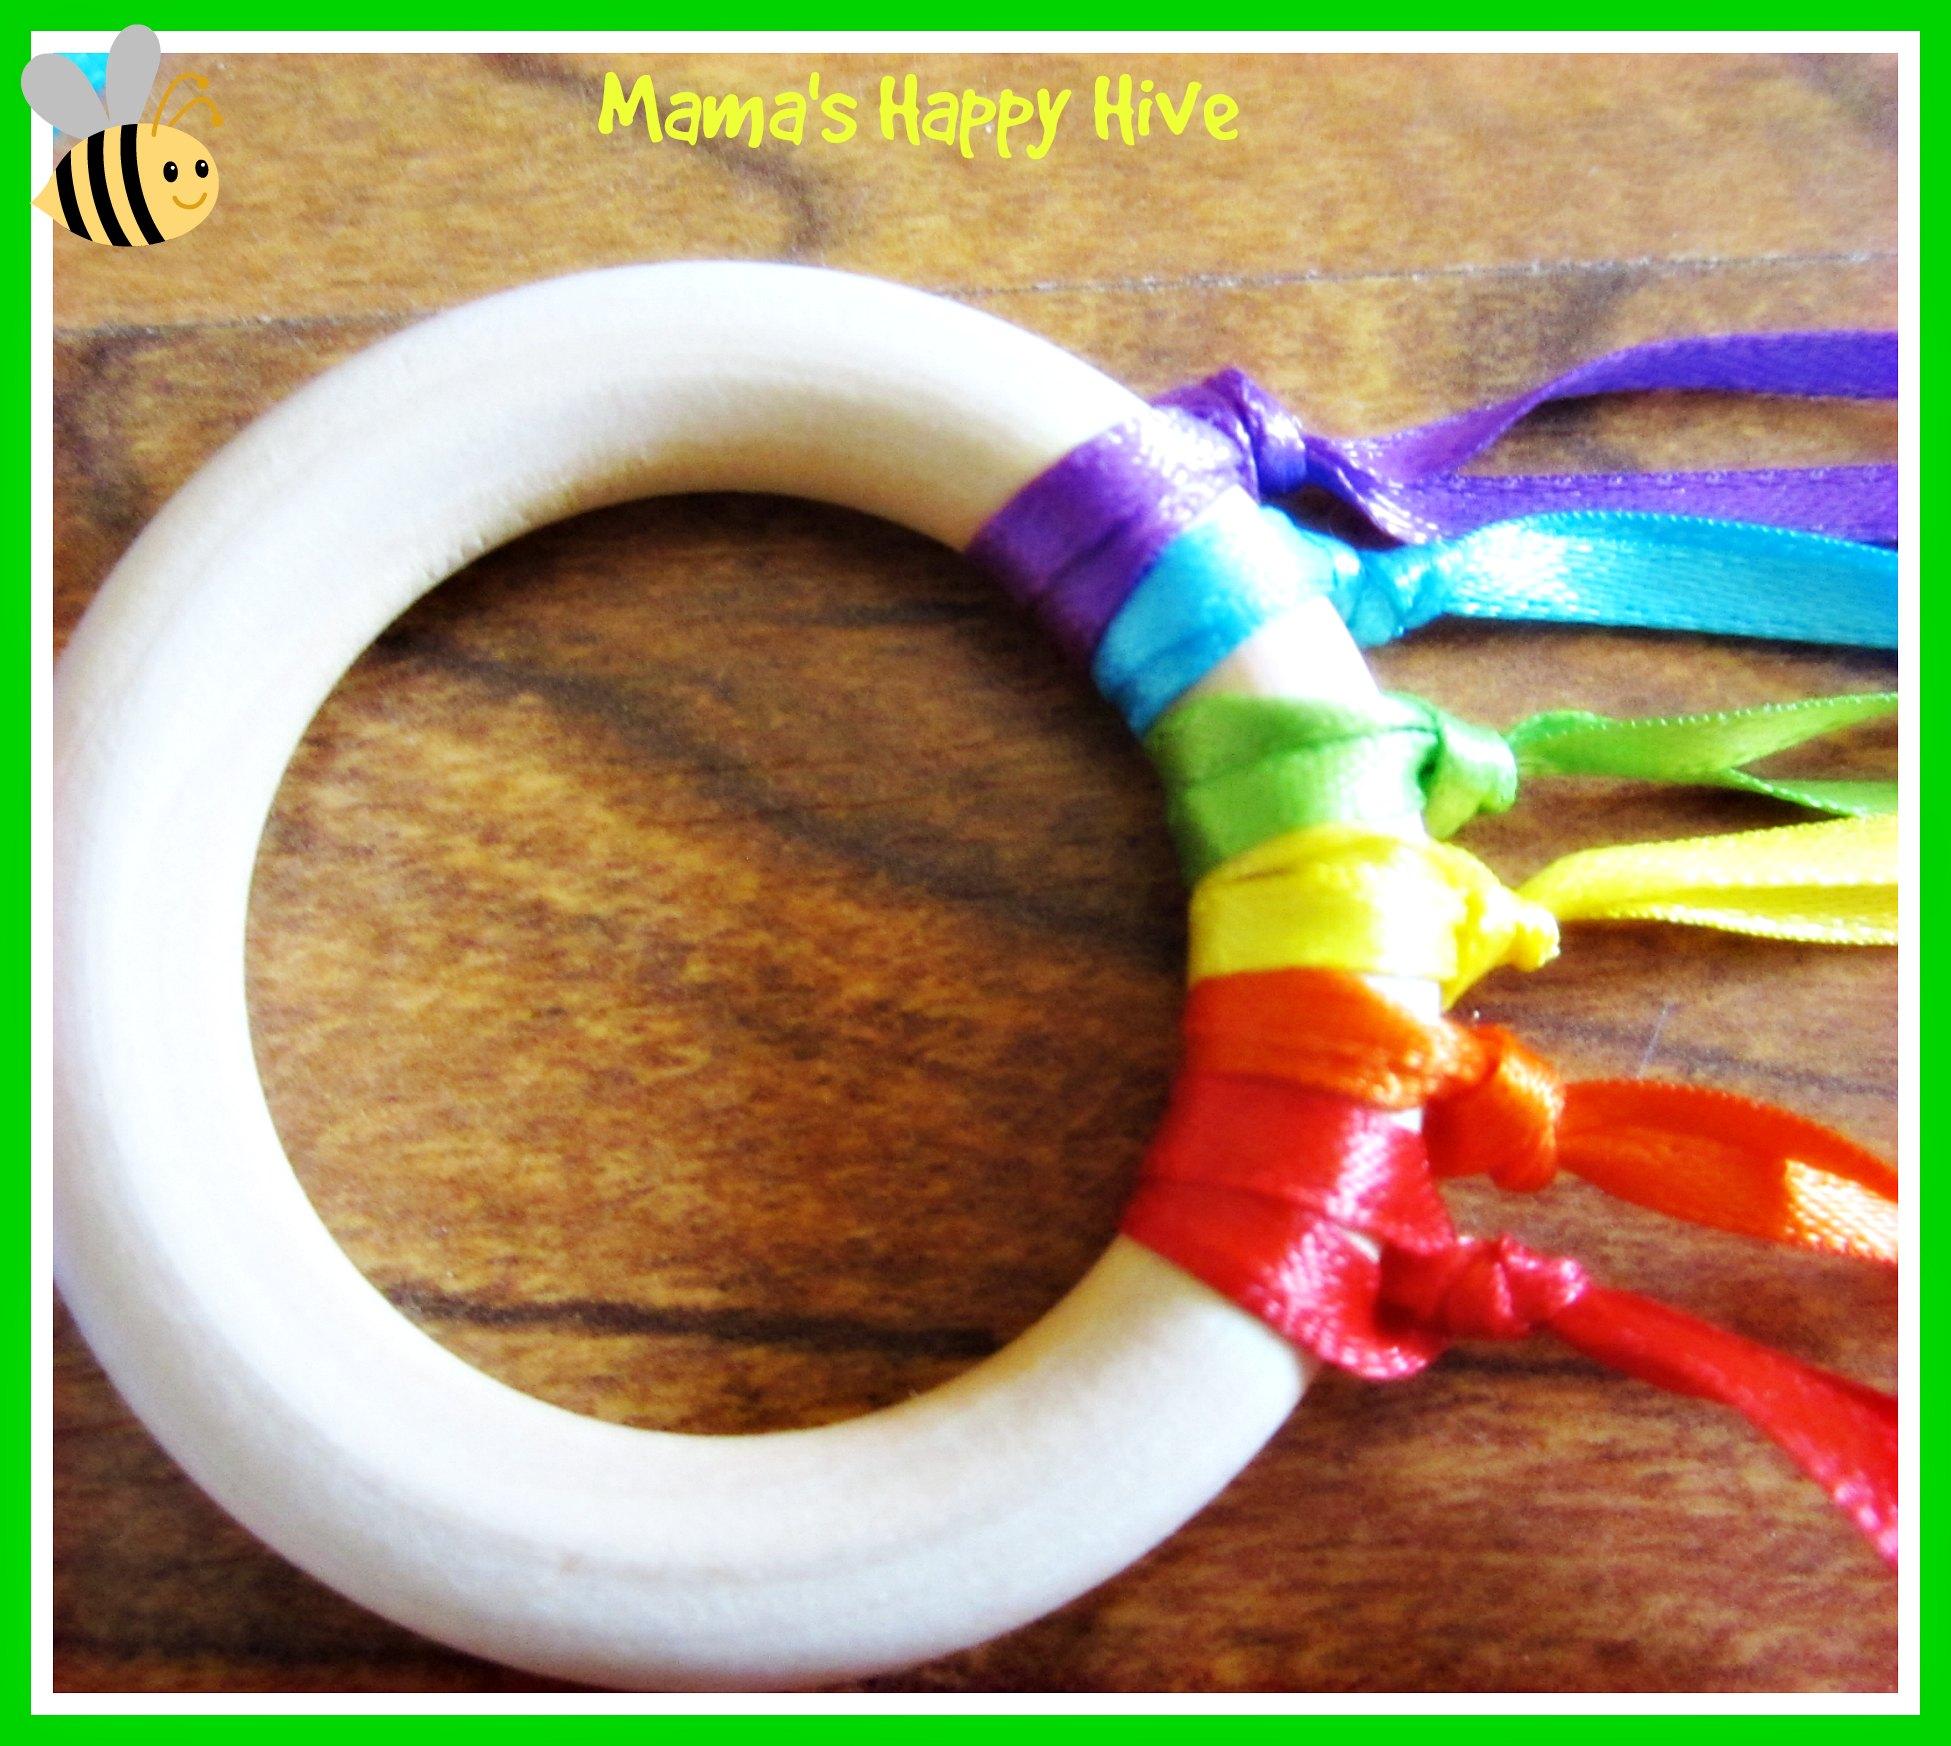 Rainbow Flyer - www.mamashappyhive.com